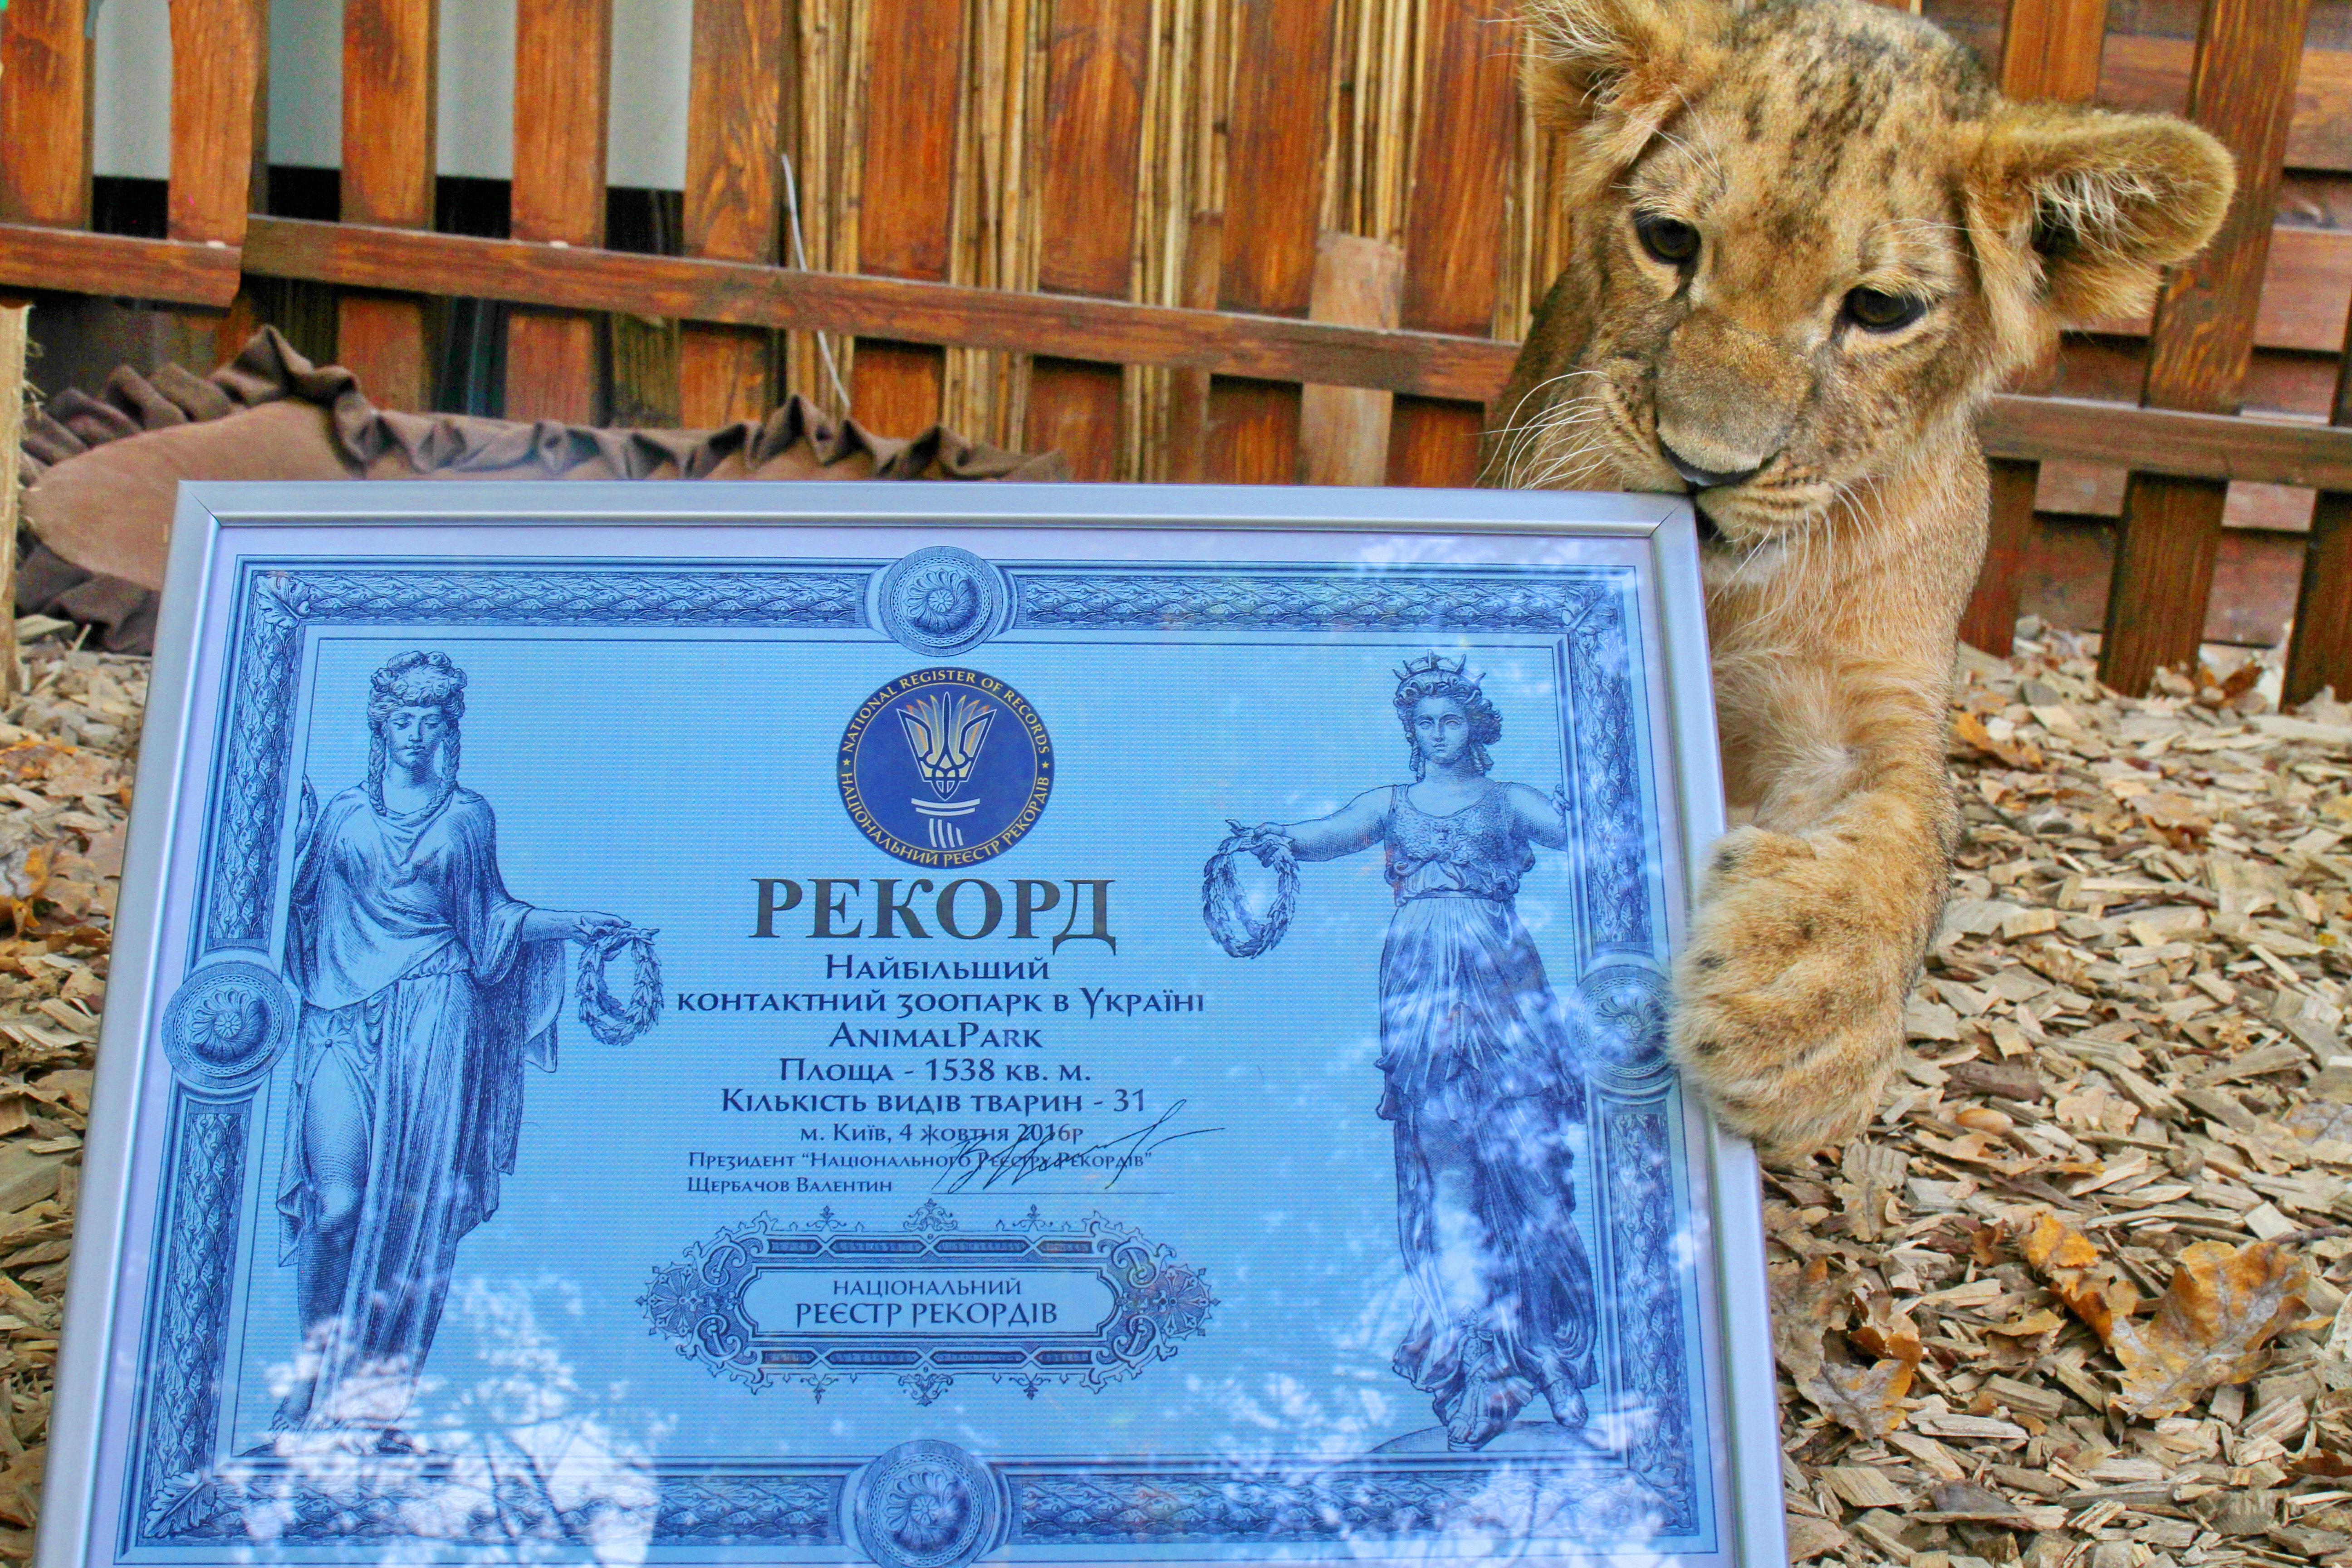 Султана Анимал Парк контактный зоопарк